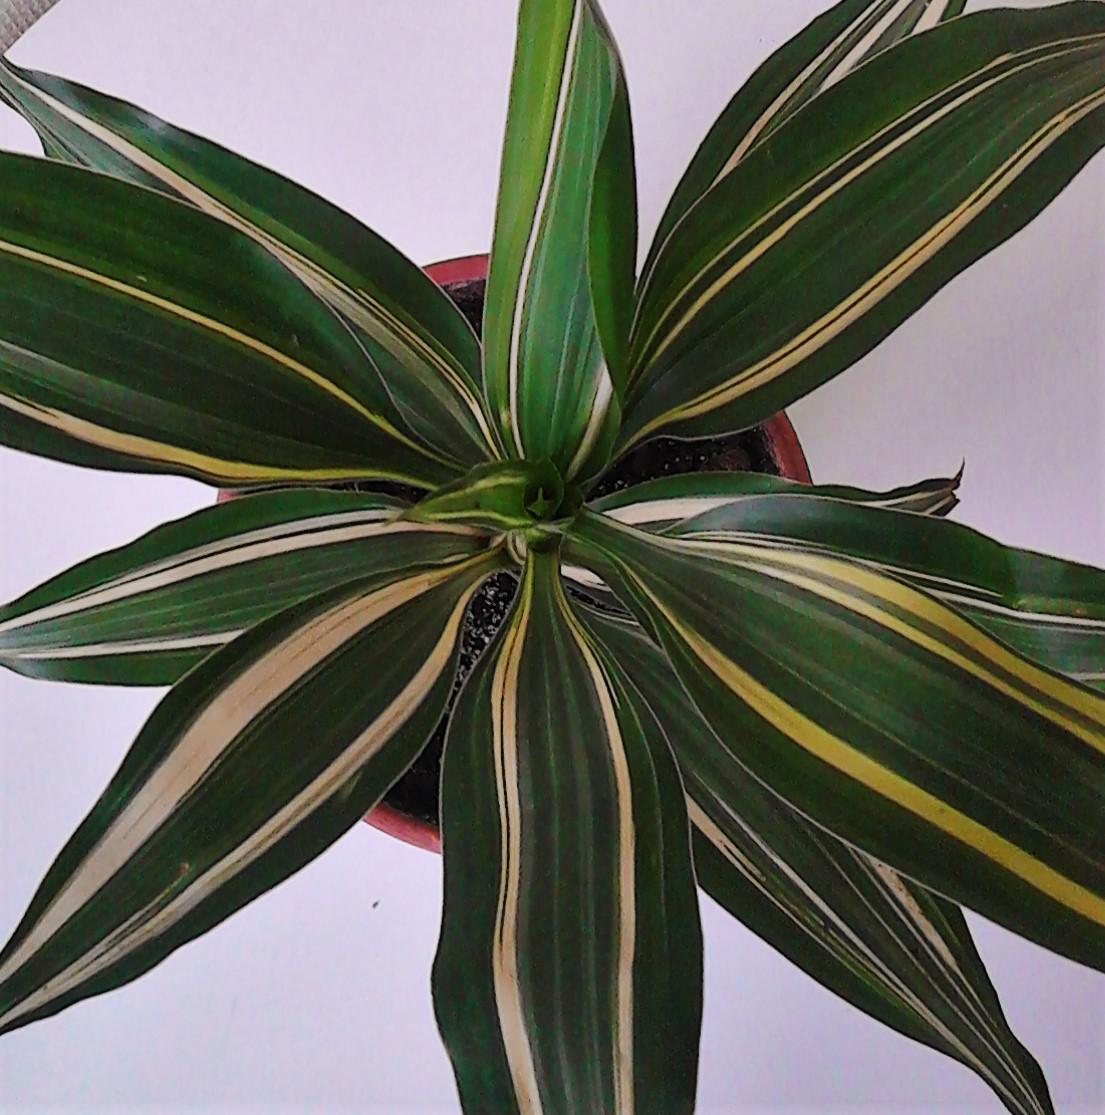 La ventana de javiruli plantas de interior 36 bamb de - Plantas del interior ...